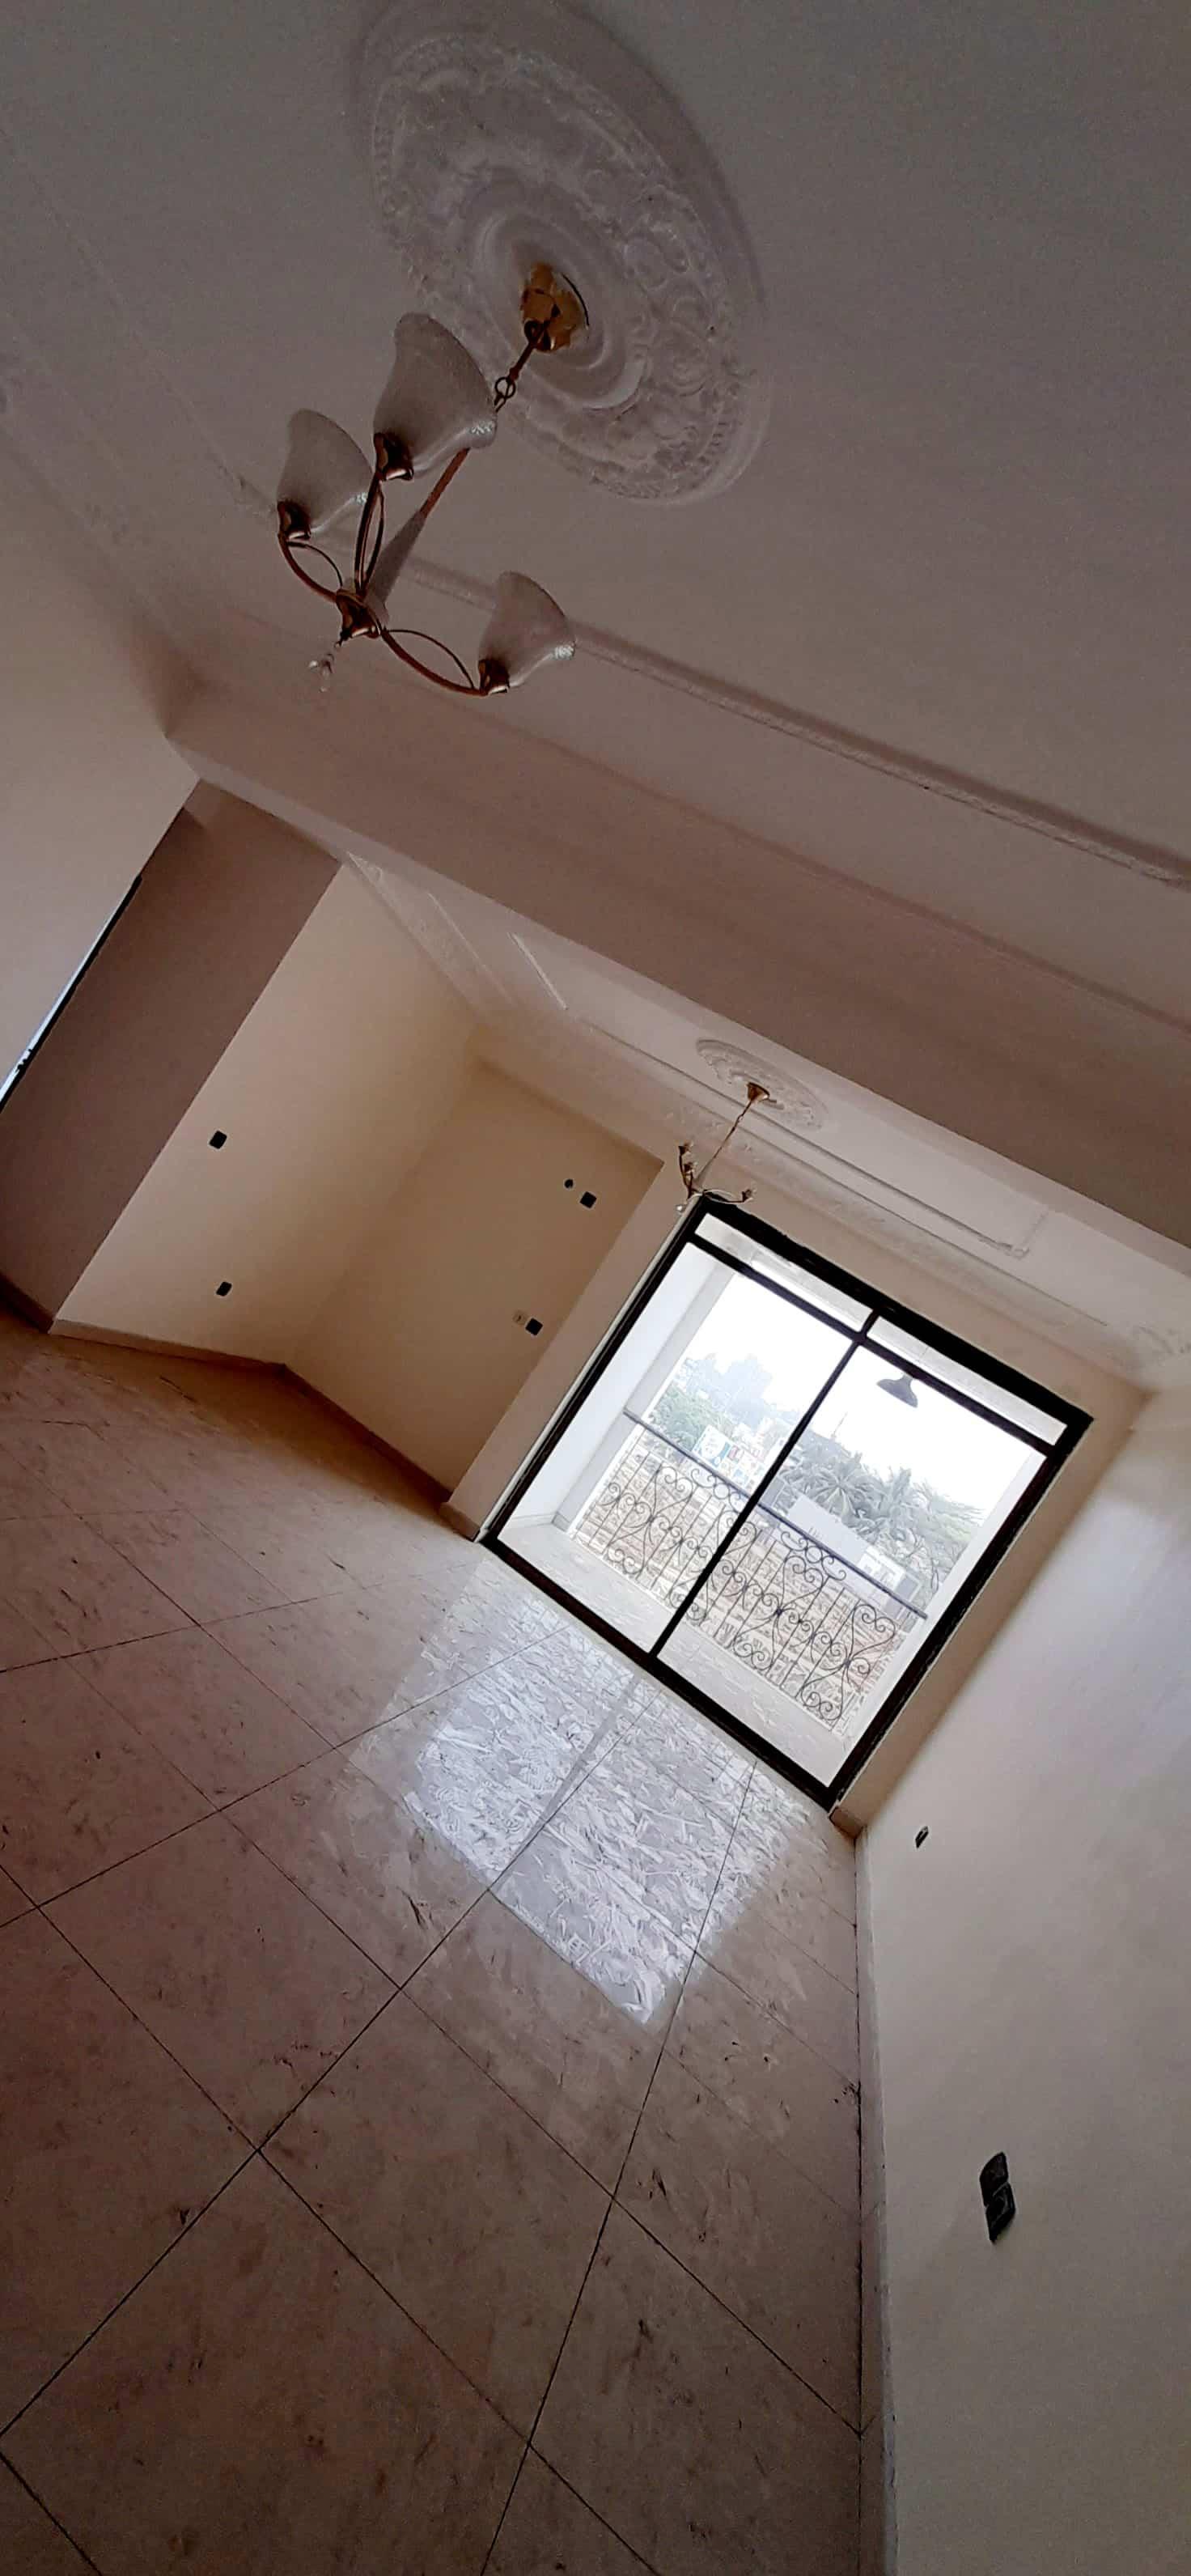 Appartement à louer - Douala, Bonamoussadi, Bien situé À bonamoussadi Denver - 1 salon(s), 2 chambre(s), 1 salle(s) de bains - 200 000 FCFA / mois